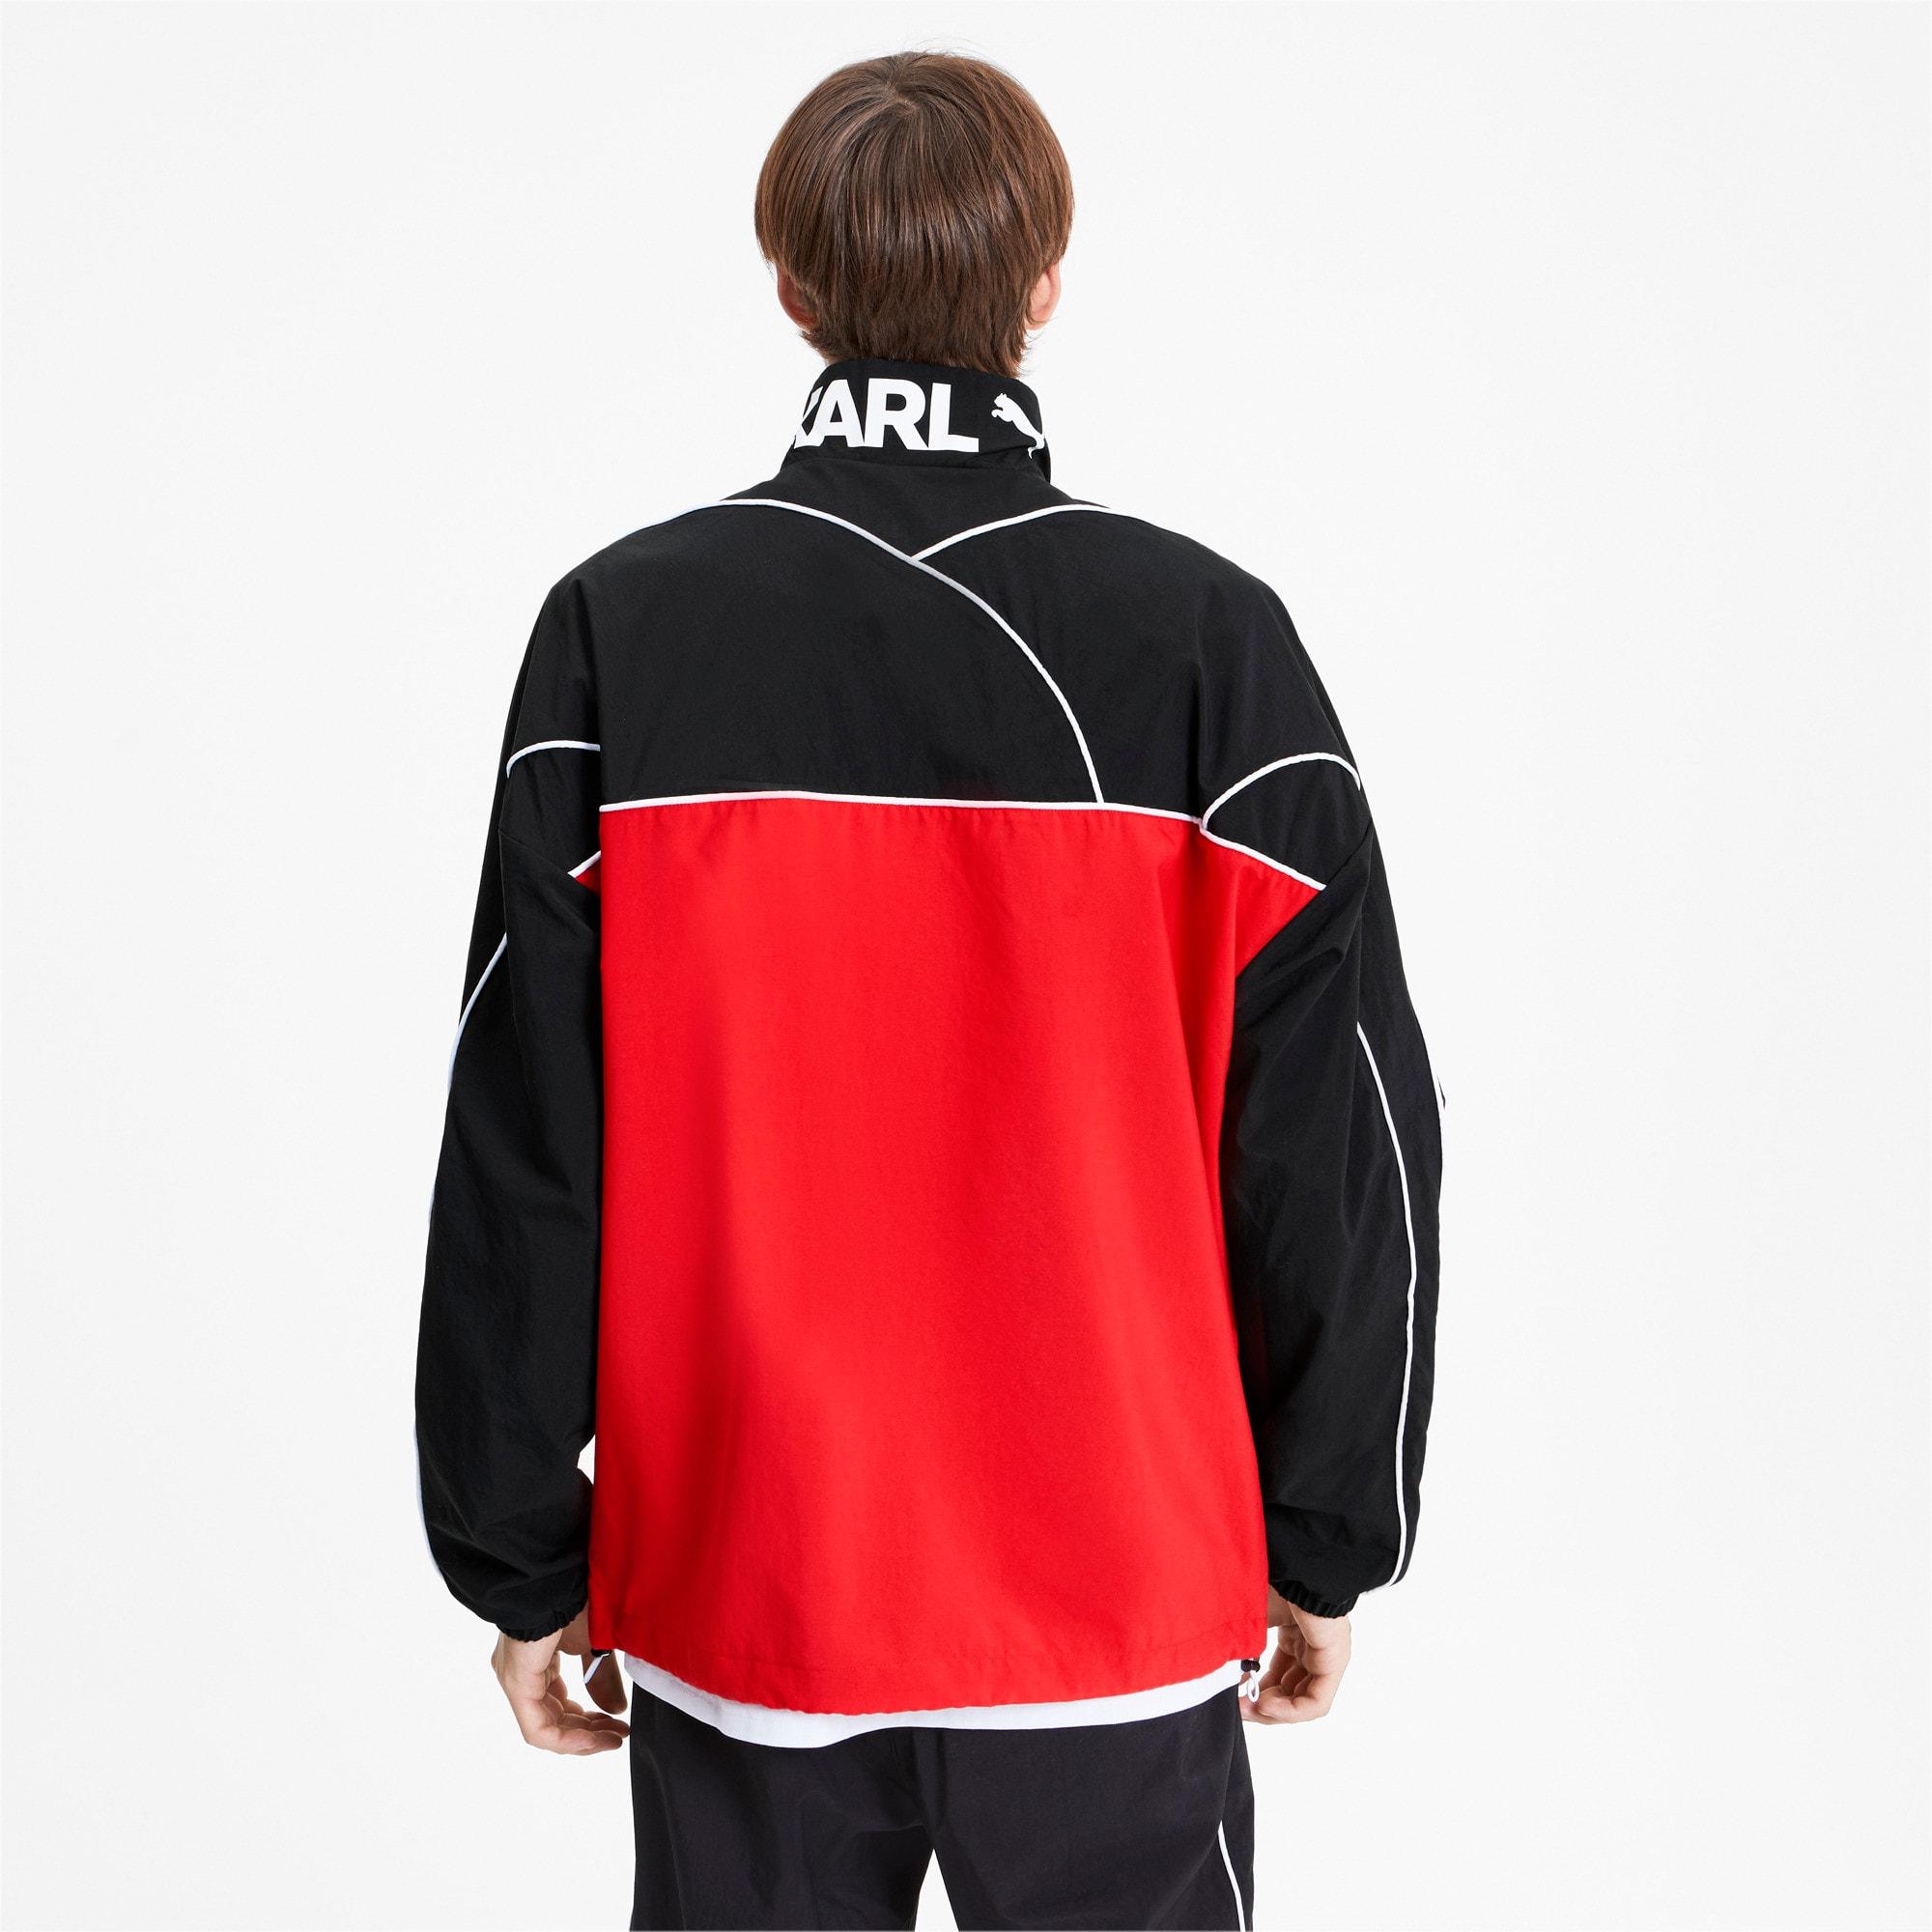 Thumbnail 2 of PUMA x KARL LAGERFELD Full Zip Men's Track Jacket, Puma Black, medium